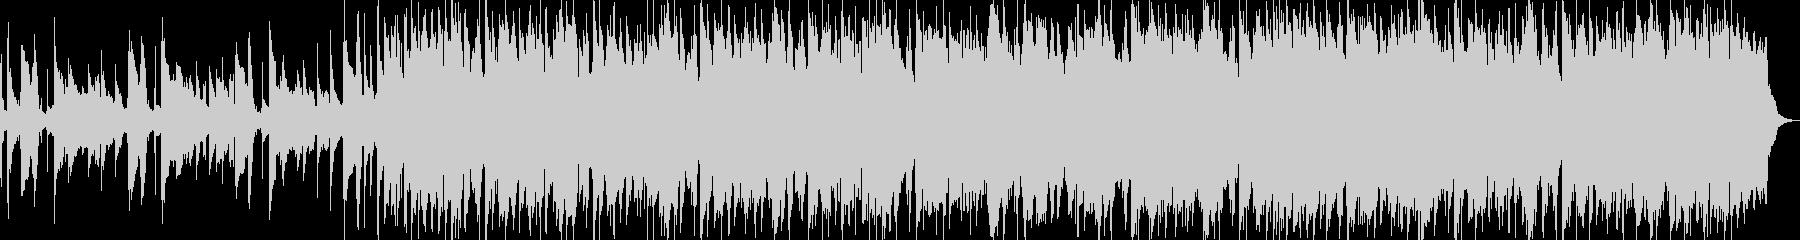 クラプトン風ギターインスト ブルージーの未再生の波形